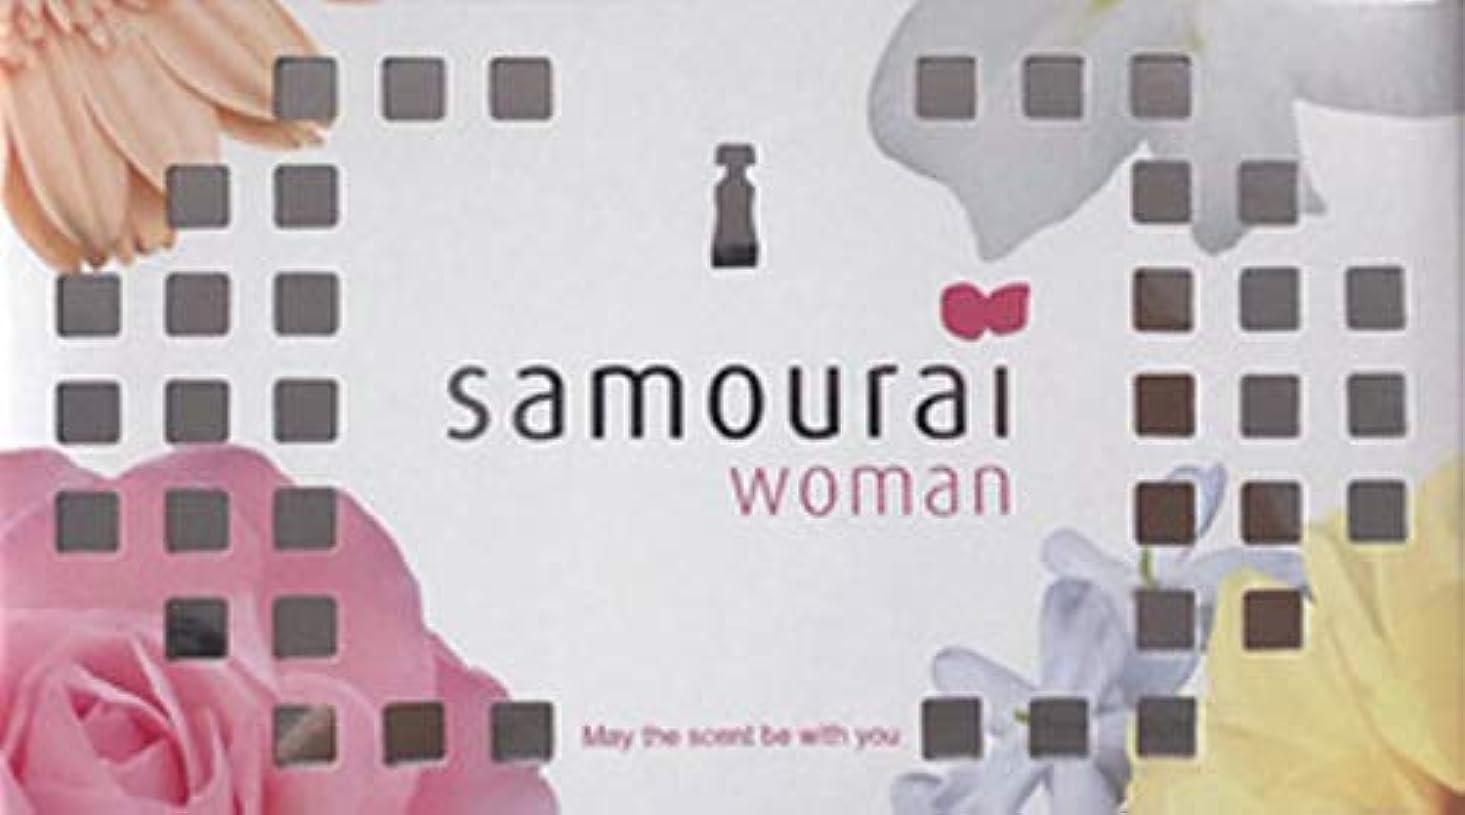 水っぽいしゃがむ水分Samourai woman(サムライウーマン) サムライウーマン フレグランス ボックス サムライウーマンの香り 170g